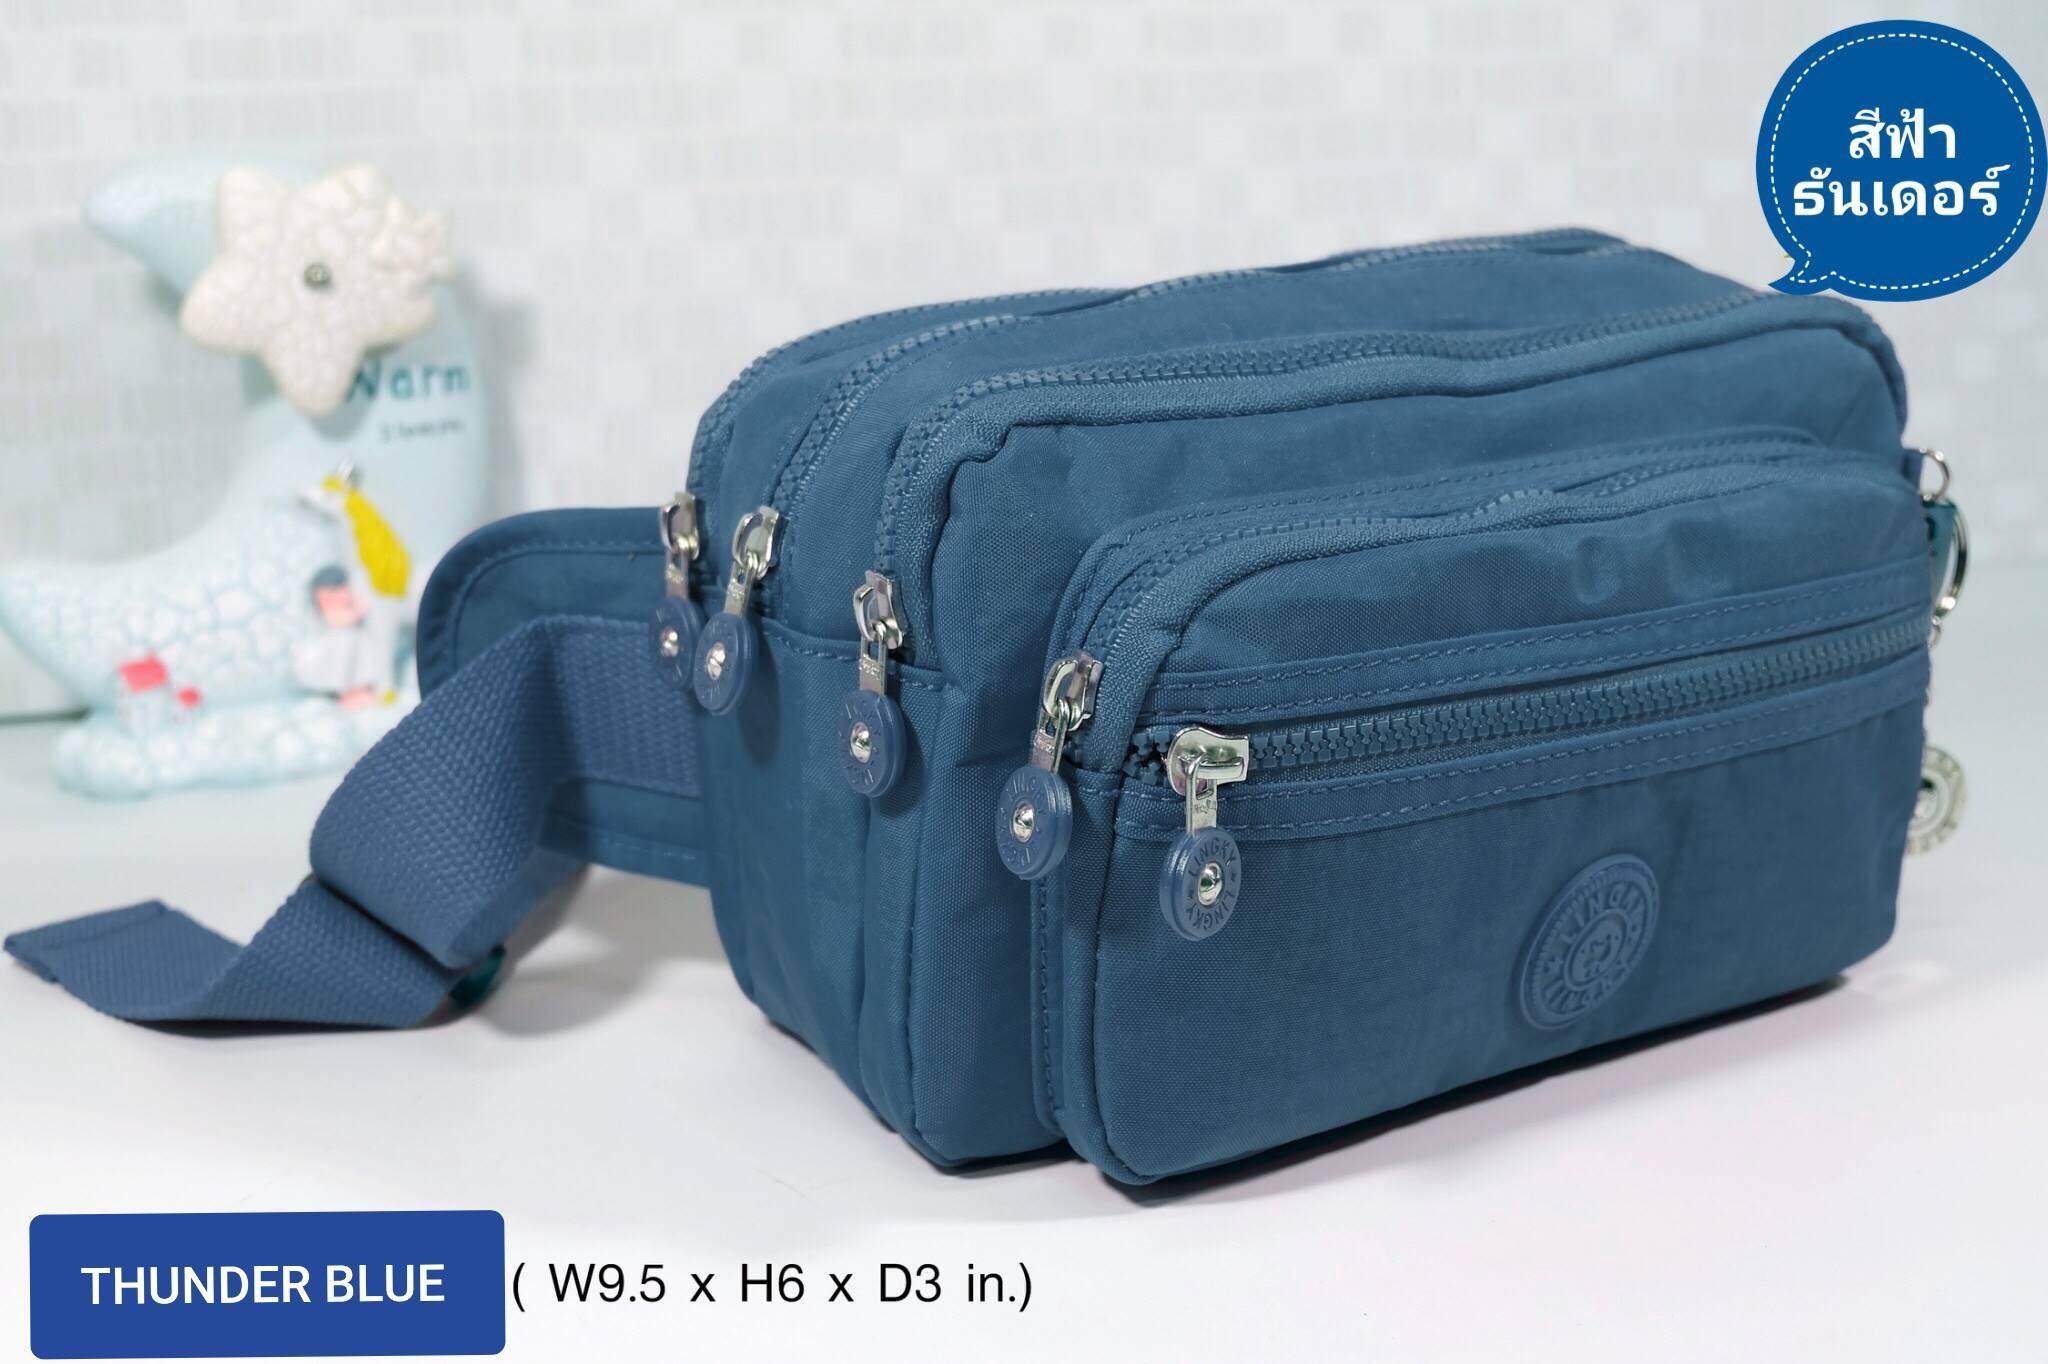 LK กระเป๋าคาดเอว ผ้าร่มสไตล์คิปลิ๊งค์ มี 6ช่องซิป ซิปสีตามสีกระเป๋า คัตติ้งสวย ซับใน แข็งแรงทนทาน ขนาด 9.5  ดีไซด์สปอร์ต สวยเท่